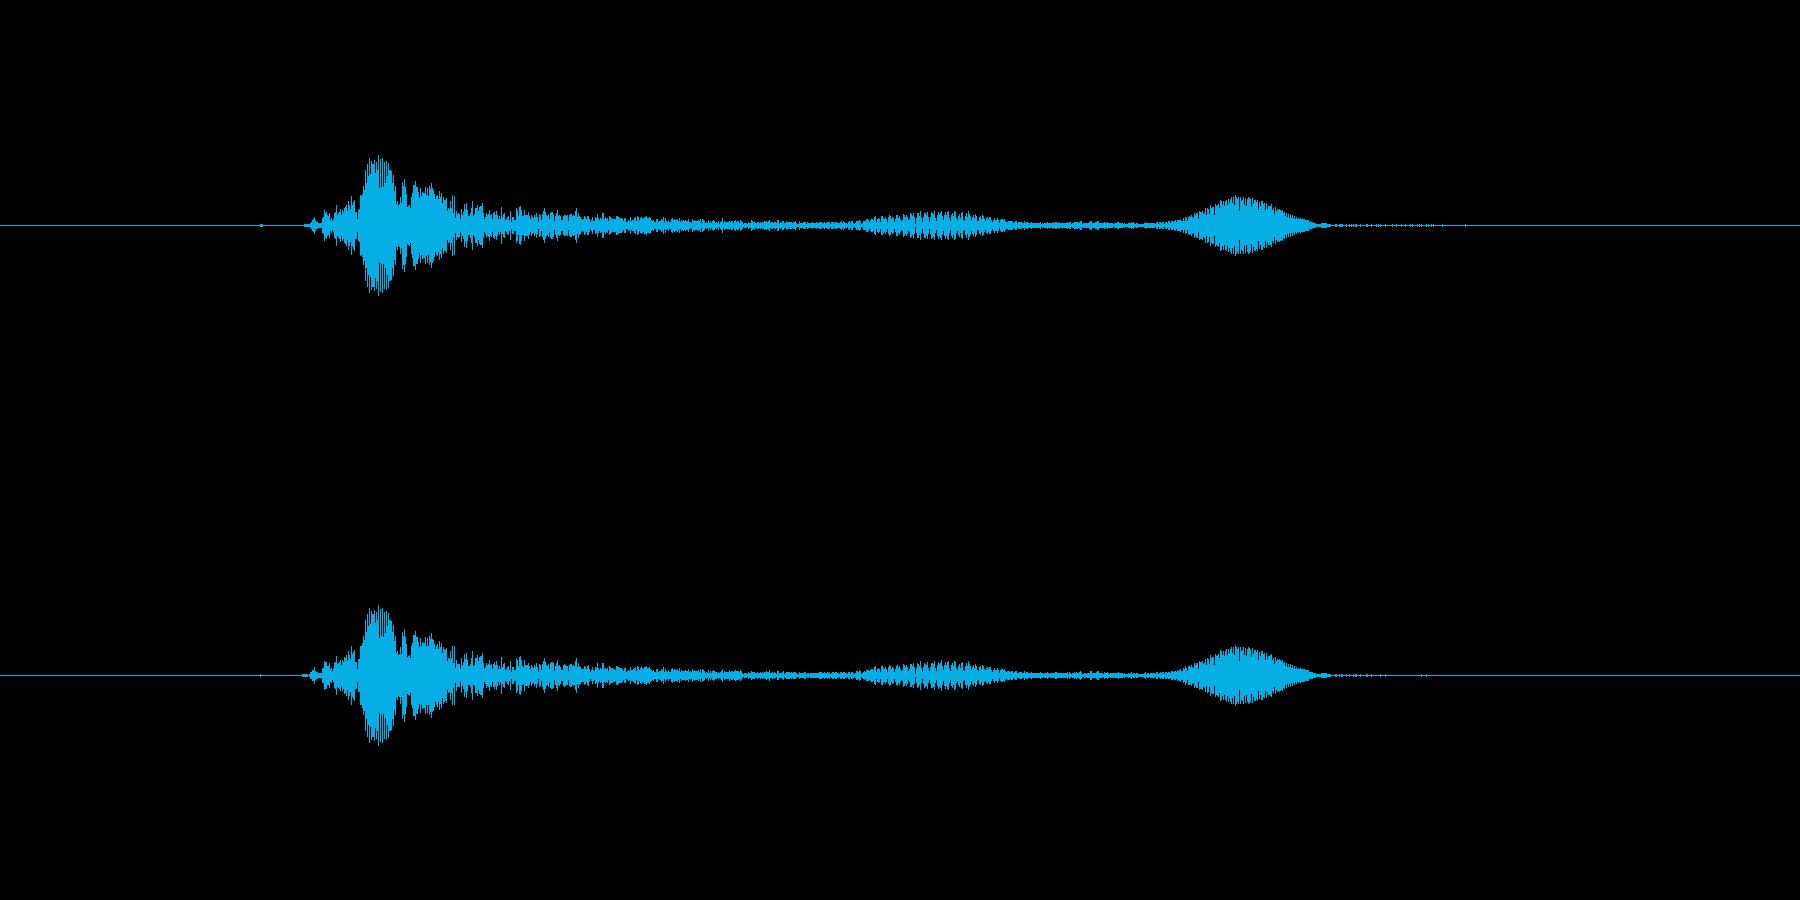 「えへへ」の再生済みの波形